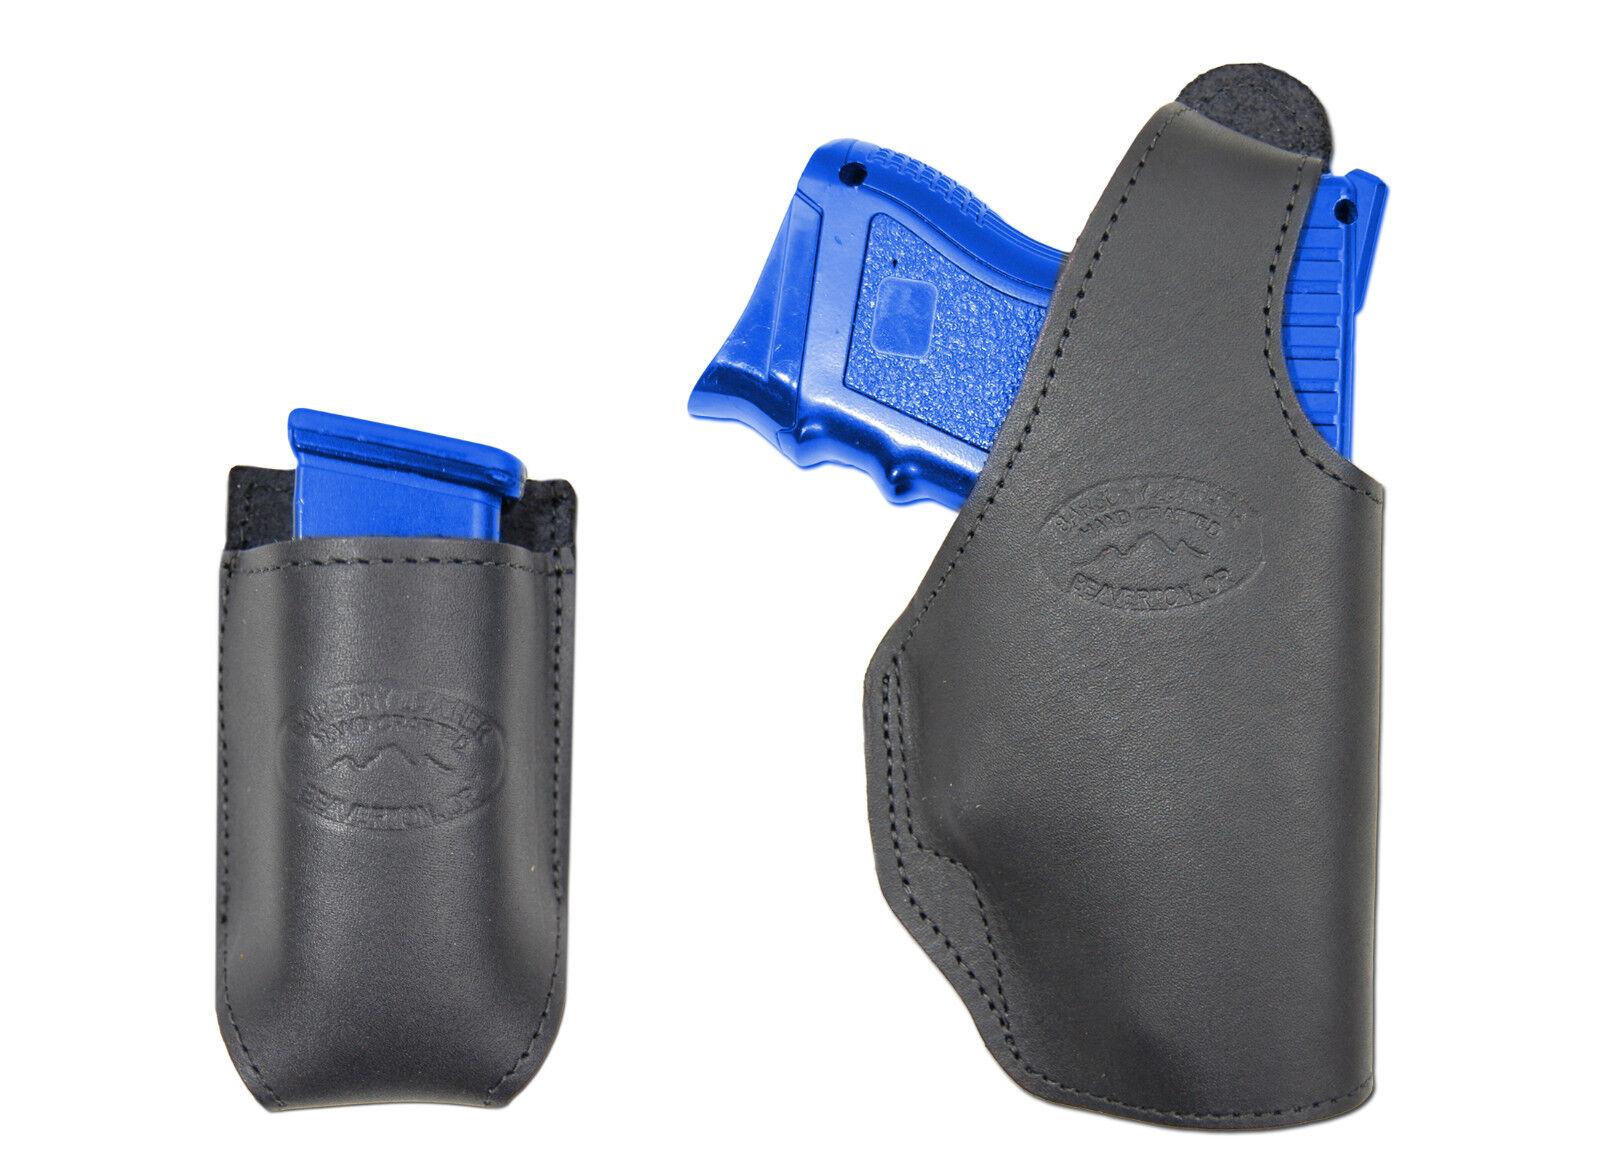 Nuevo barsony Cuero Negro Owb Cartuchera + bolsa del Mag Para Glock Compacto 9mm 40 45